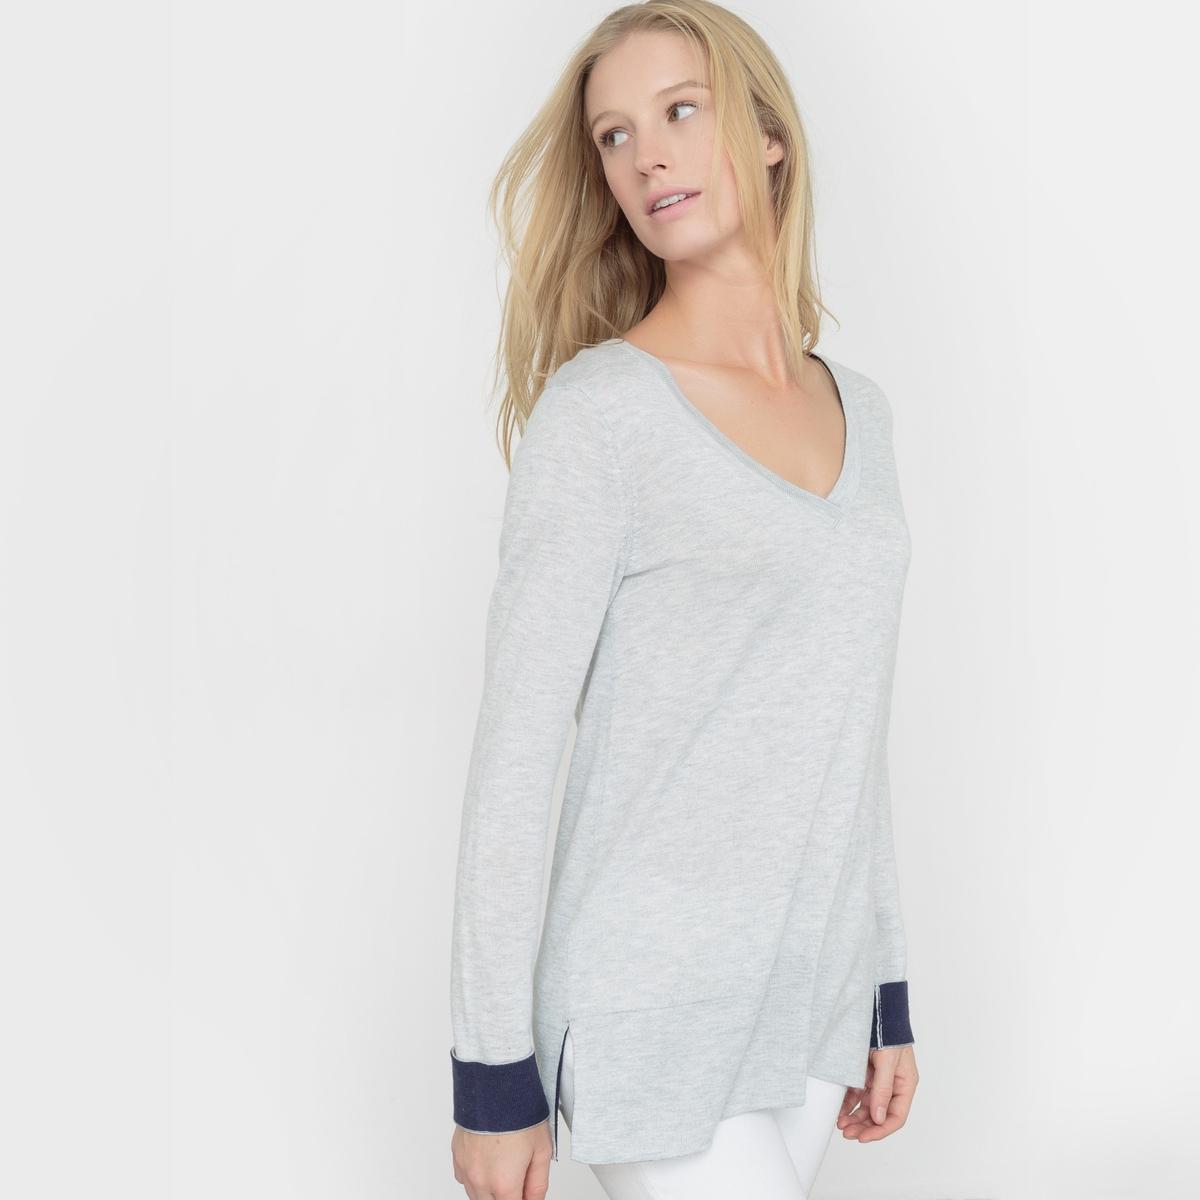 Пуловер с двухцветными отворотами, шерсть в составеПуловер с V-образным вырезом. Свободный покрой. Длинные рукава с контрастными отворотами. Контрастная внутренняя часть воротника. Состав и описание :Марка : R Essentiel.Материал : 50% вискозы, 40% акрила, 10% шерсти мериноса.Длина : 66 см100% применяемой шерсти мериноса получено без процедуры мьюлесинга, что гарантирует благополучие животных.Уход :Машинная стирка при 30 °C на деликатном режимеСтирать с вещами схожих цветов Утюжить на низкой температуре с изнаночной стороныБарабанная сушка запрещена.<br><br>Цвет: красный,серый меланж,черный<br>Размер: 38/40 (FR) - 44/46 (RUS).42/44 (FR) - 48/50 (RUS)